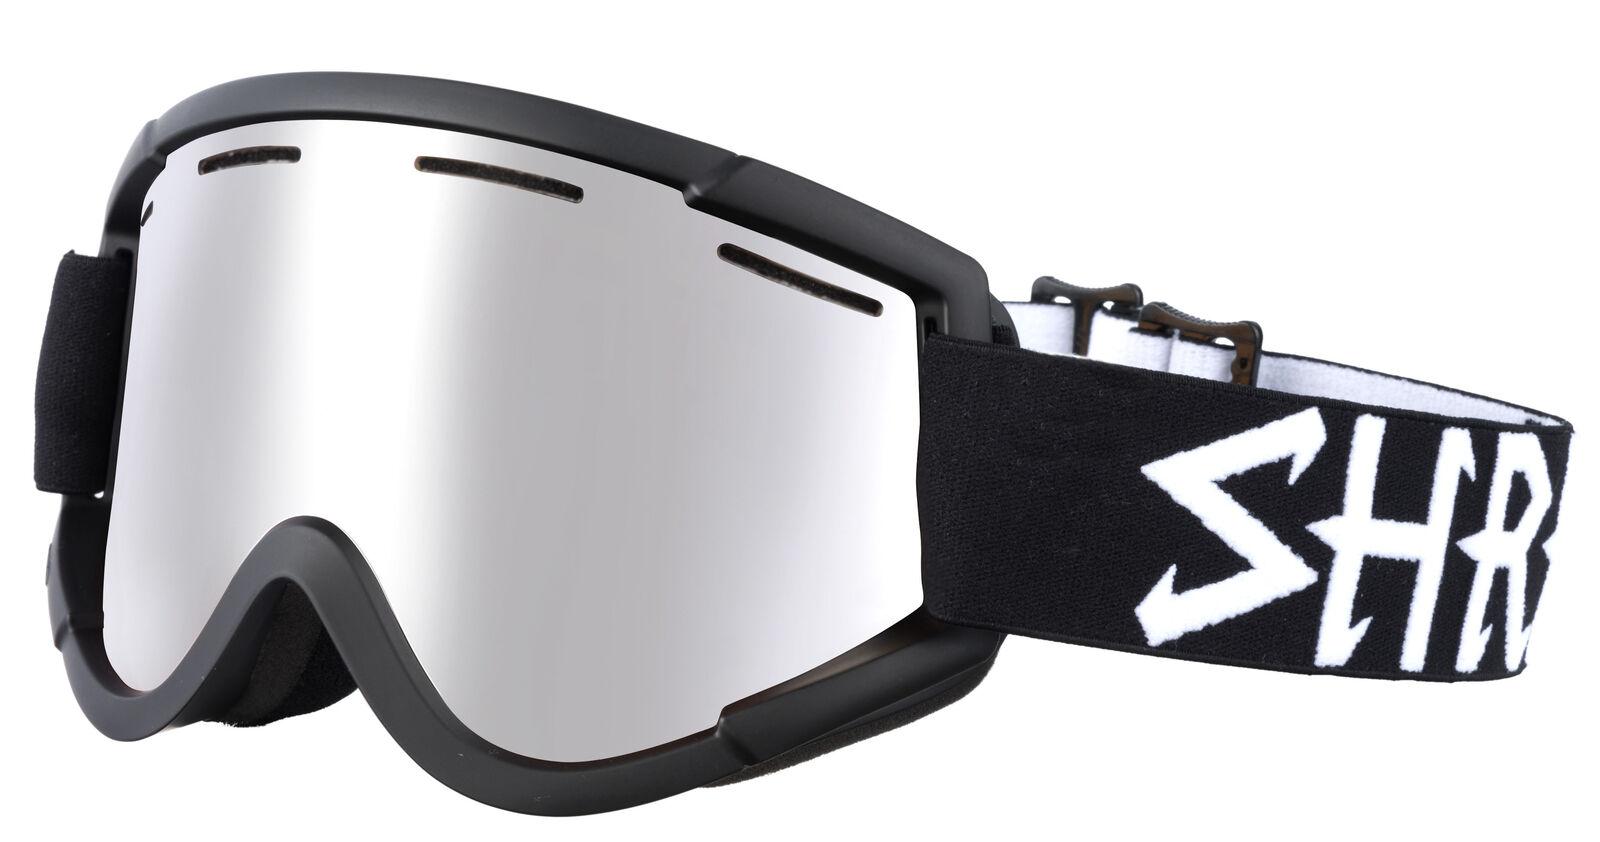 Shred Skibrille Snowboardbrille NASTIFY ECLIPSE PLATINUM black